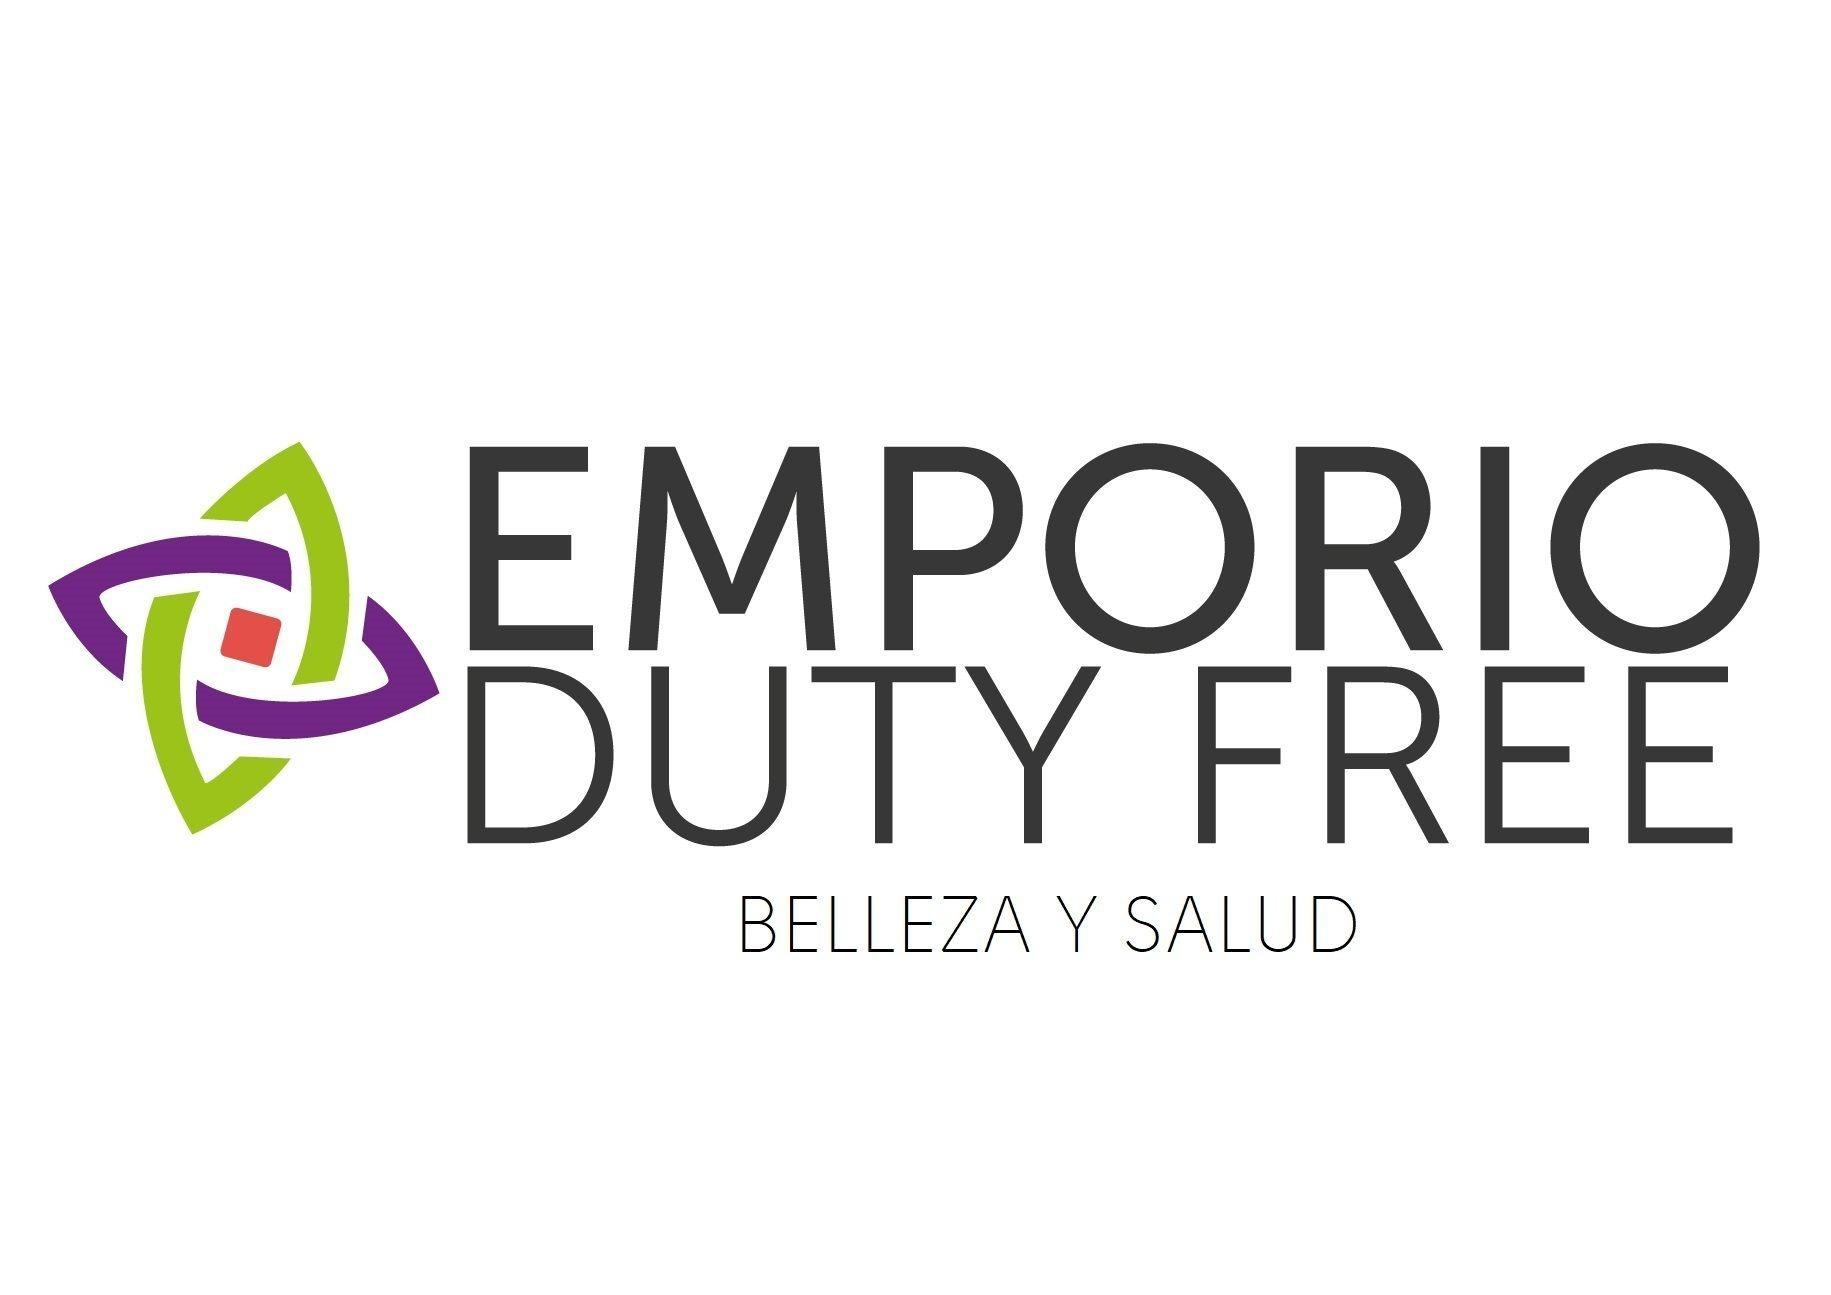 Emporio DUTY FREE